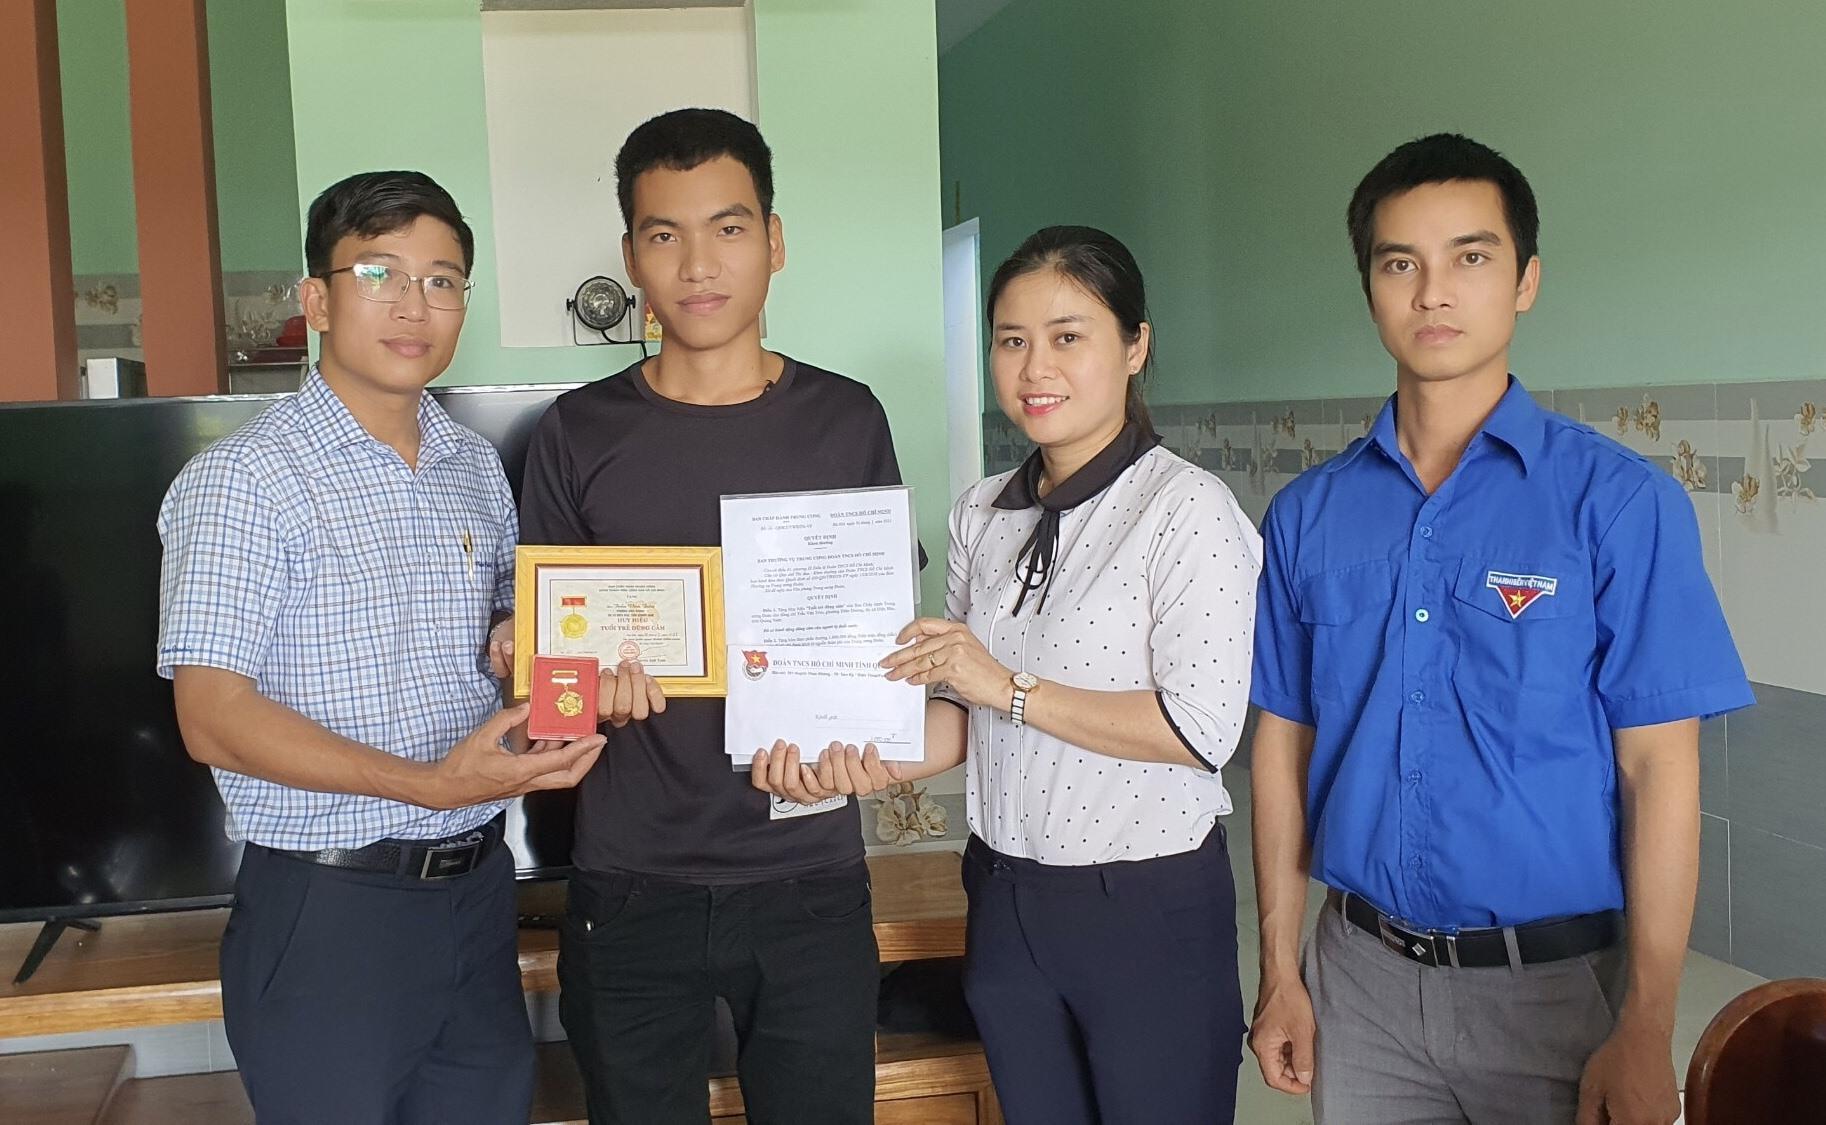 Anh Nguyễn Xuân Đức cùng cán bộ đoàn địa phương trao tặng Huy hiệu Tuổi trẻ dũng cảm cho anh Trần Văn Trong. Ảnh: T.ĐẠT